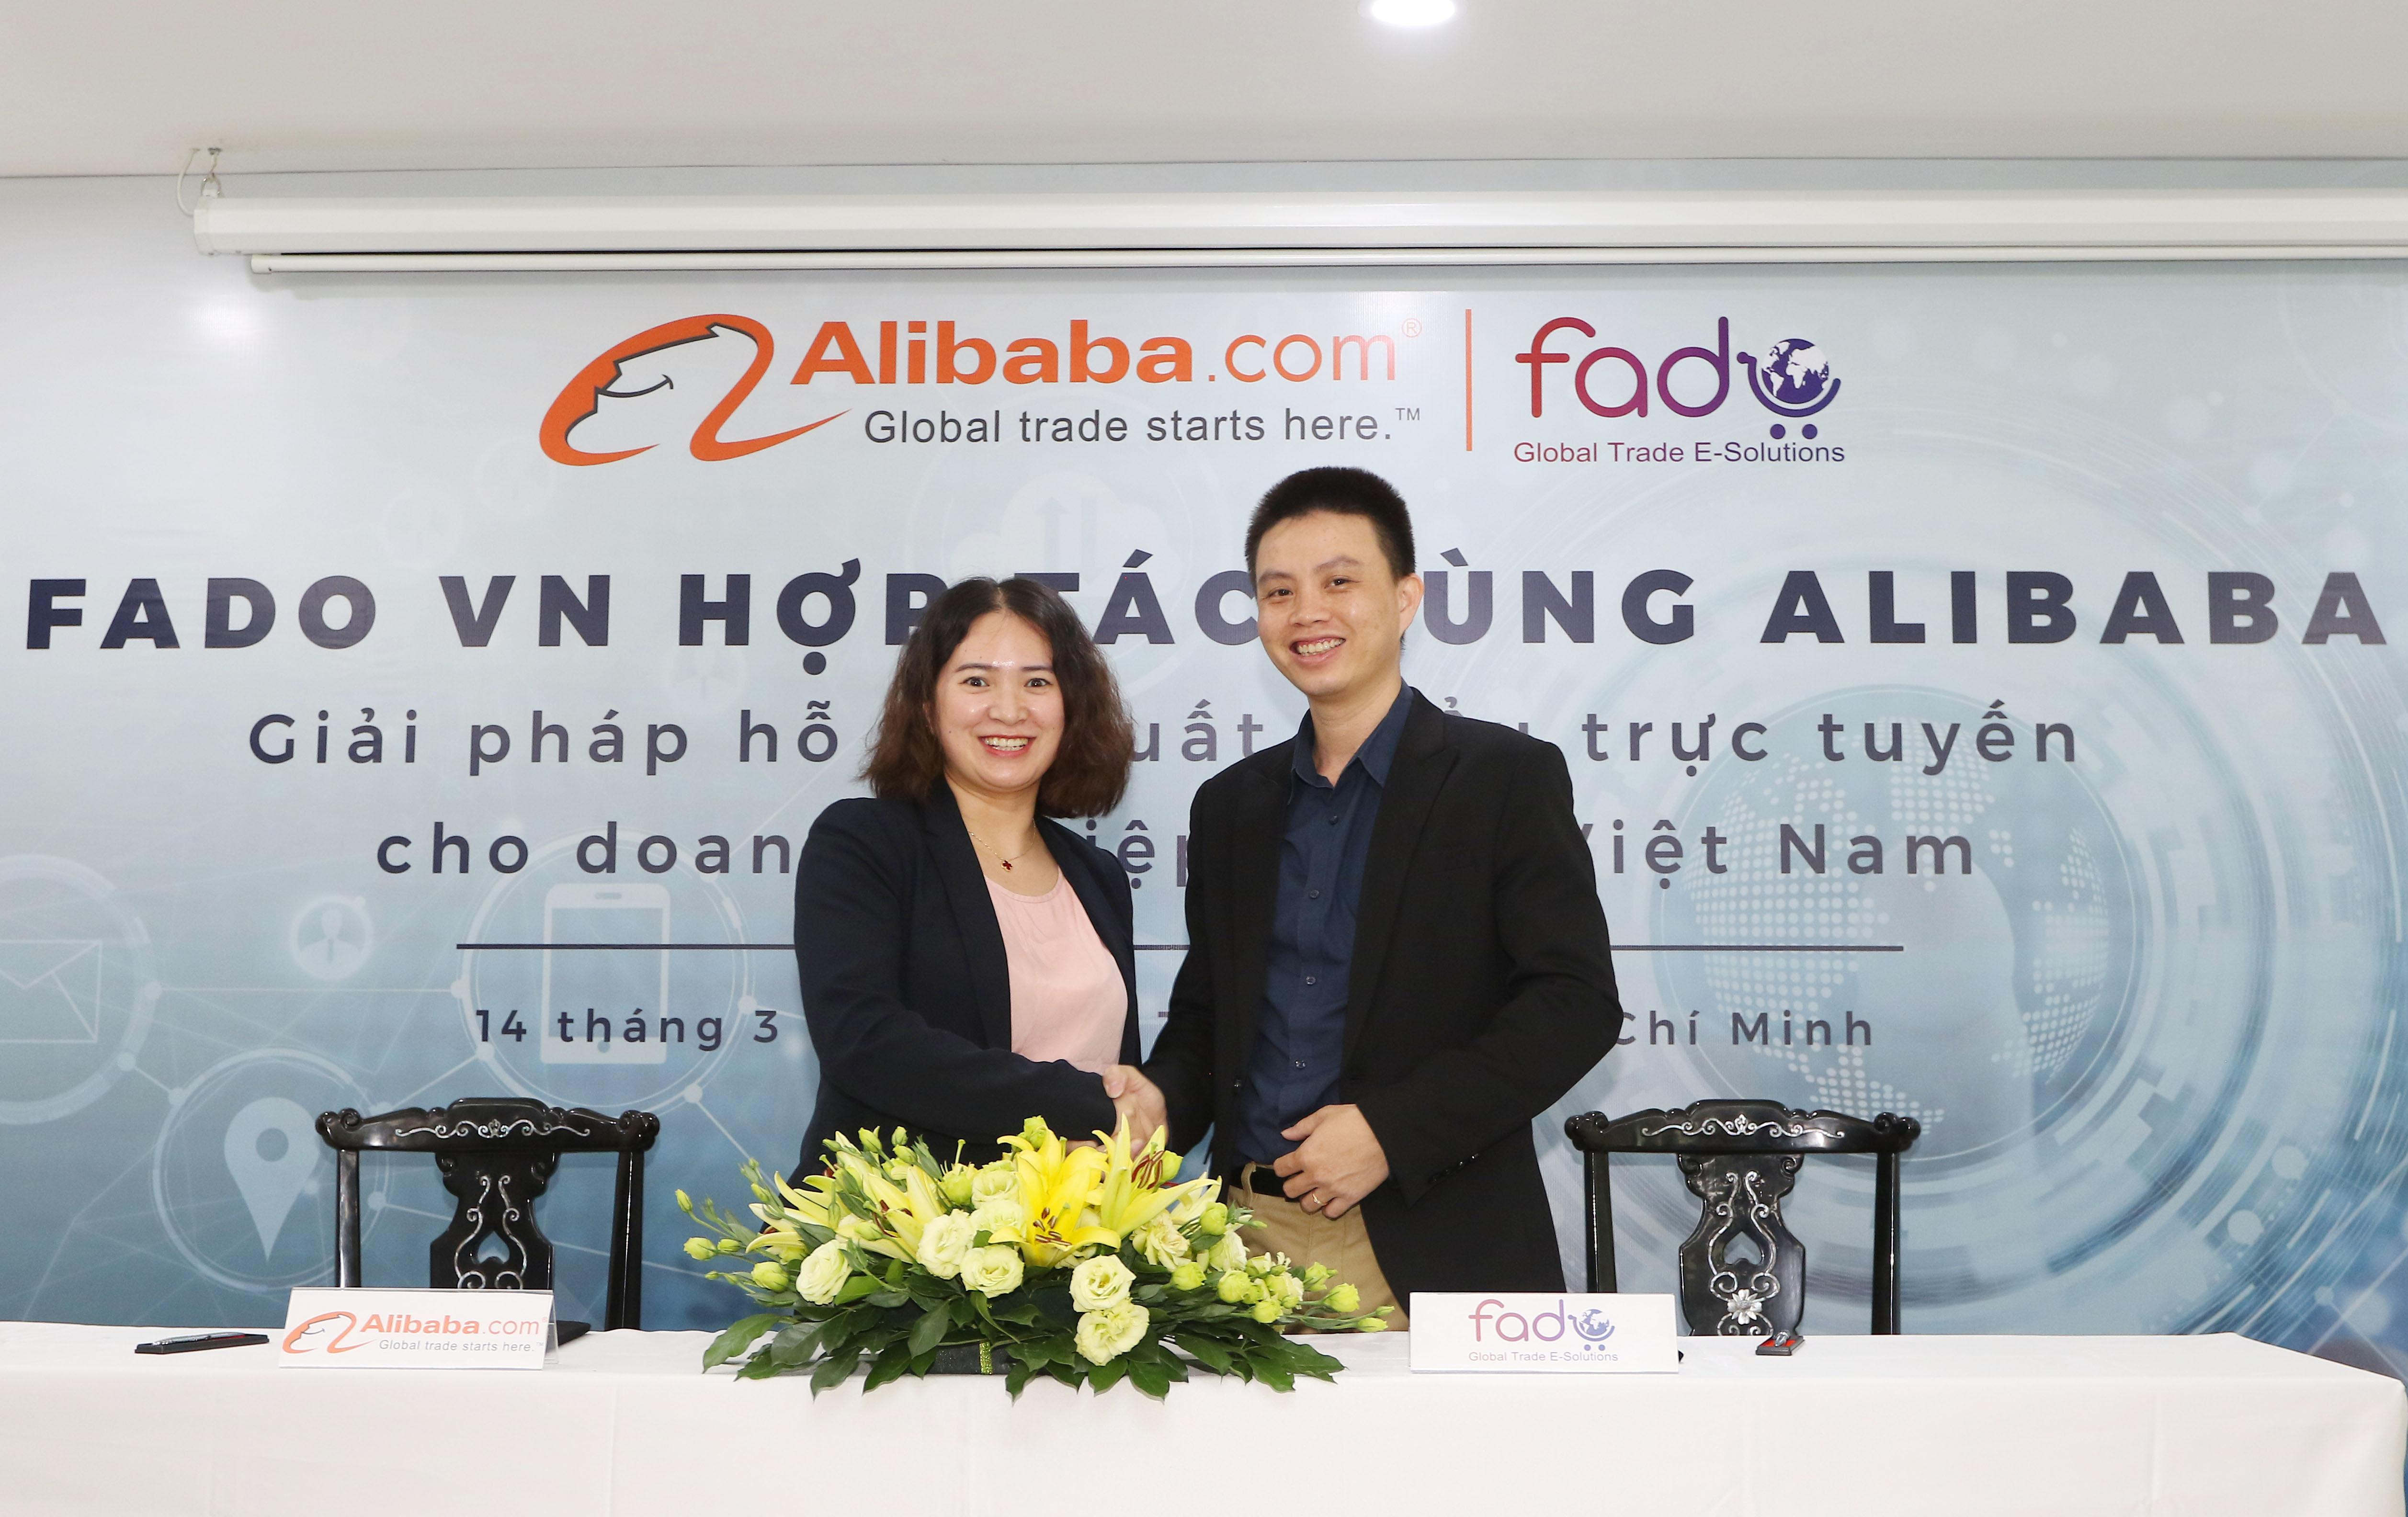 Công bố hợp tác giữa Alibaba.com và Fado.vn Ảnh 1